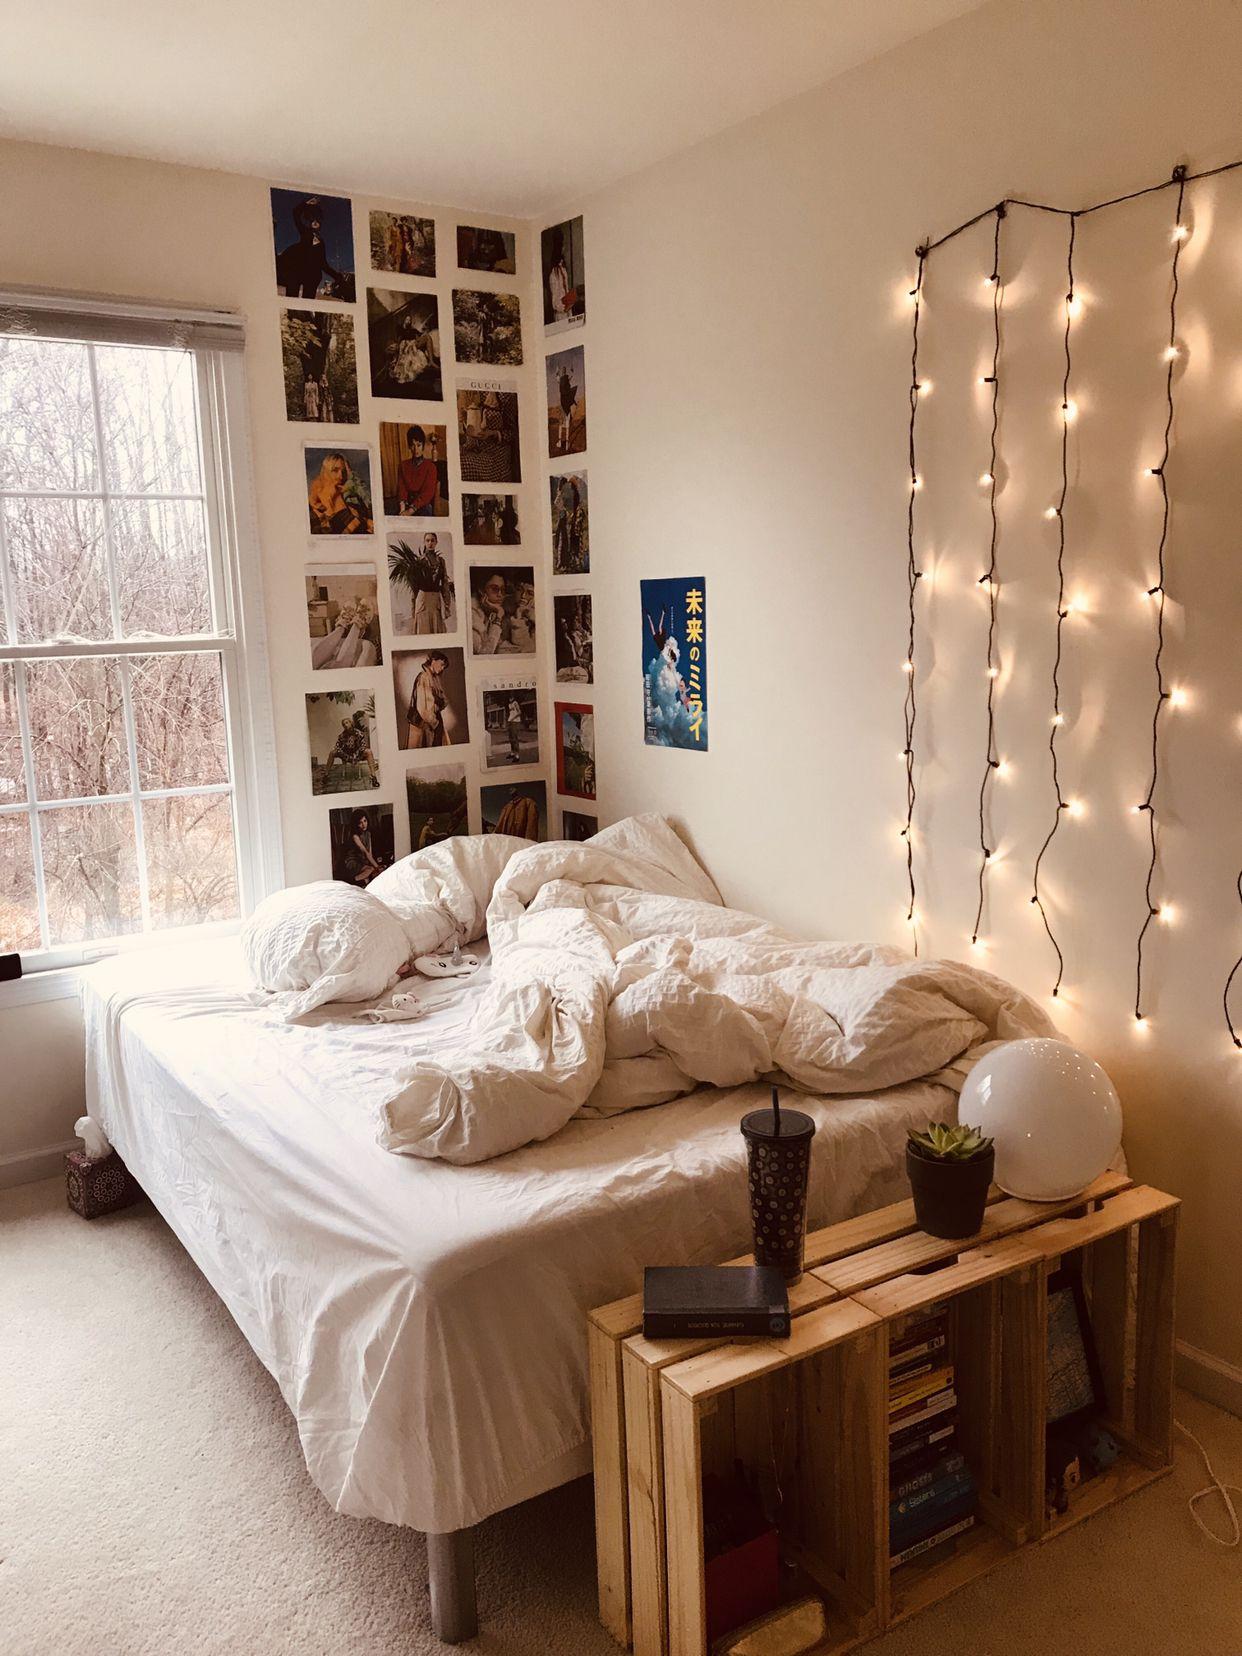 Pin van Zoe Brulez op Slaapkamer ideen in 2019  Bedroom